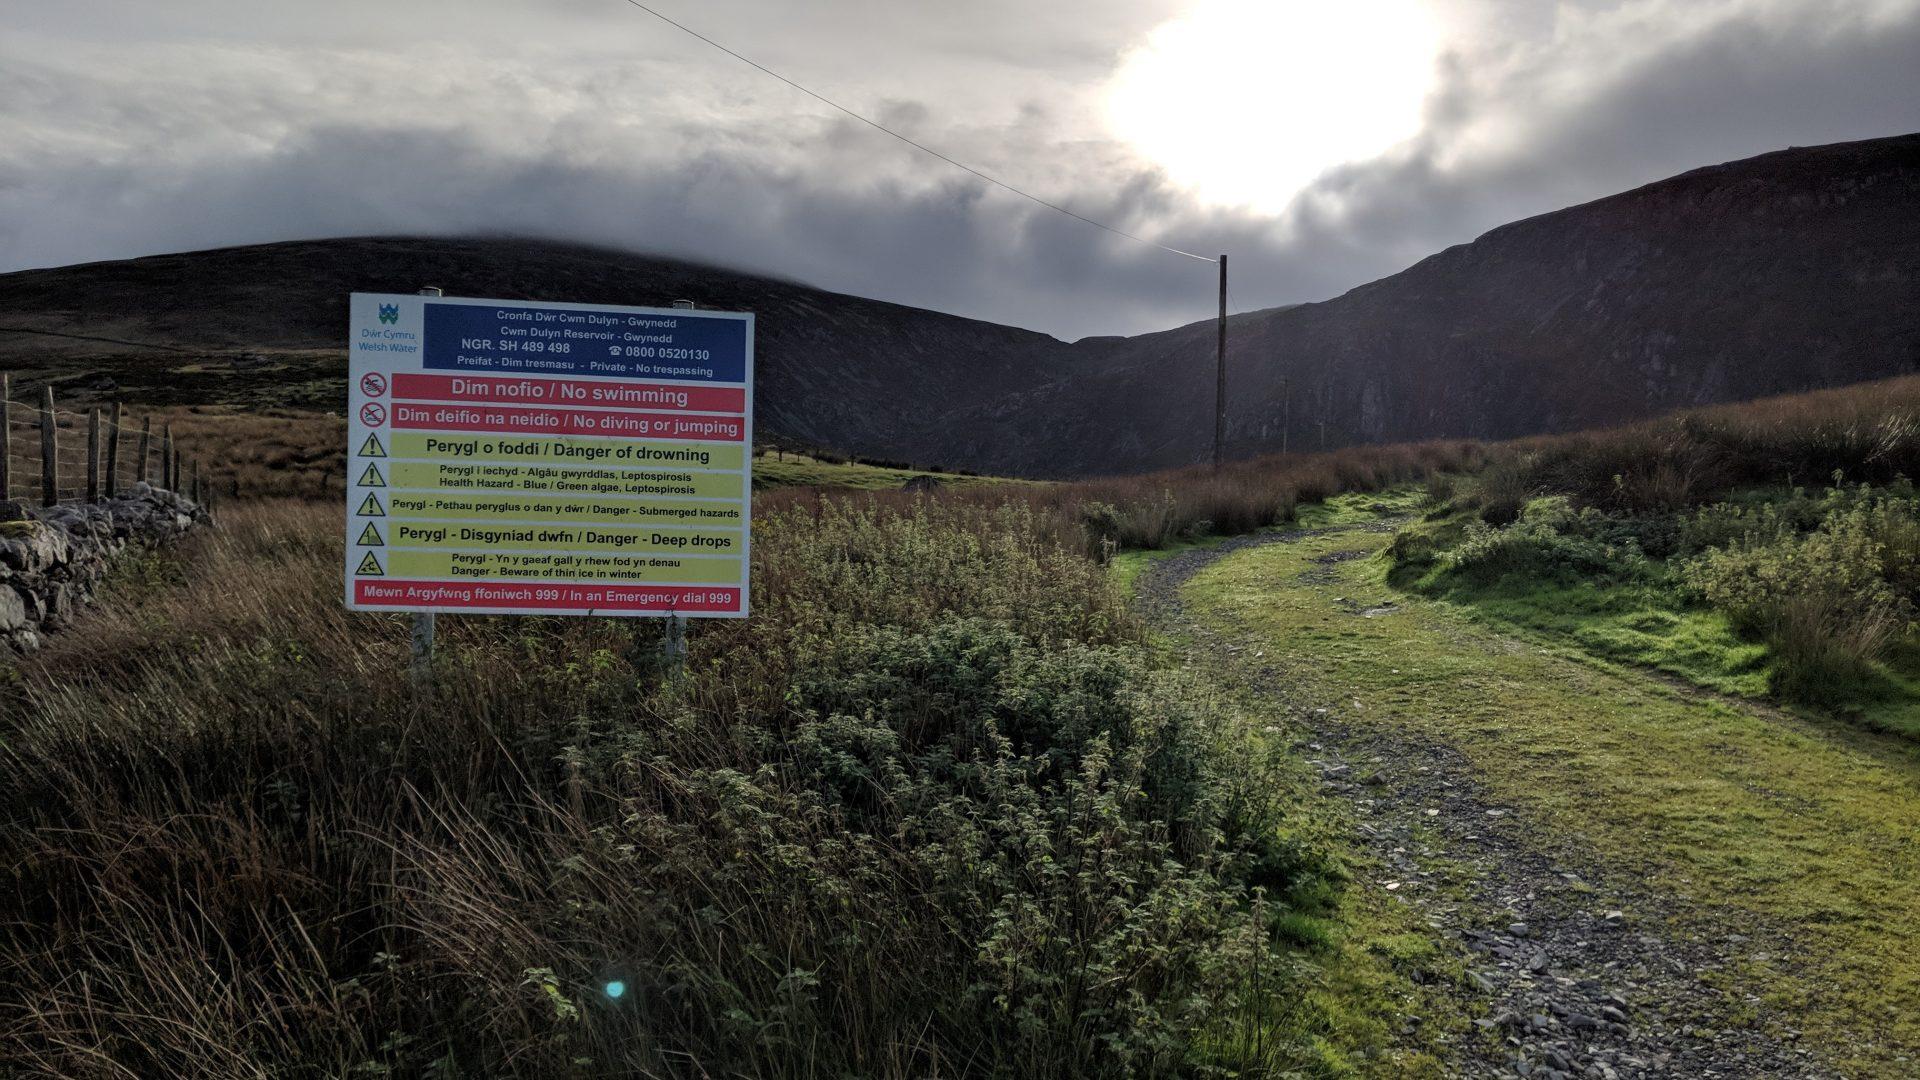 Llyn Cwm Dulyn Signage